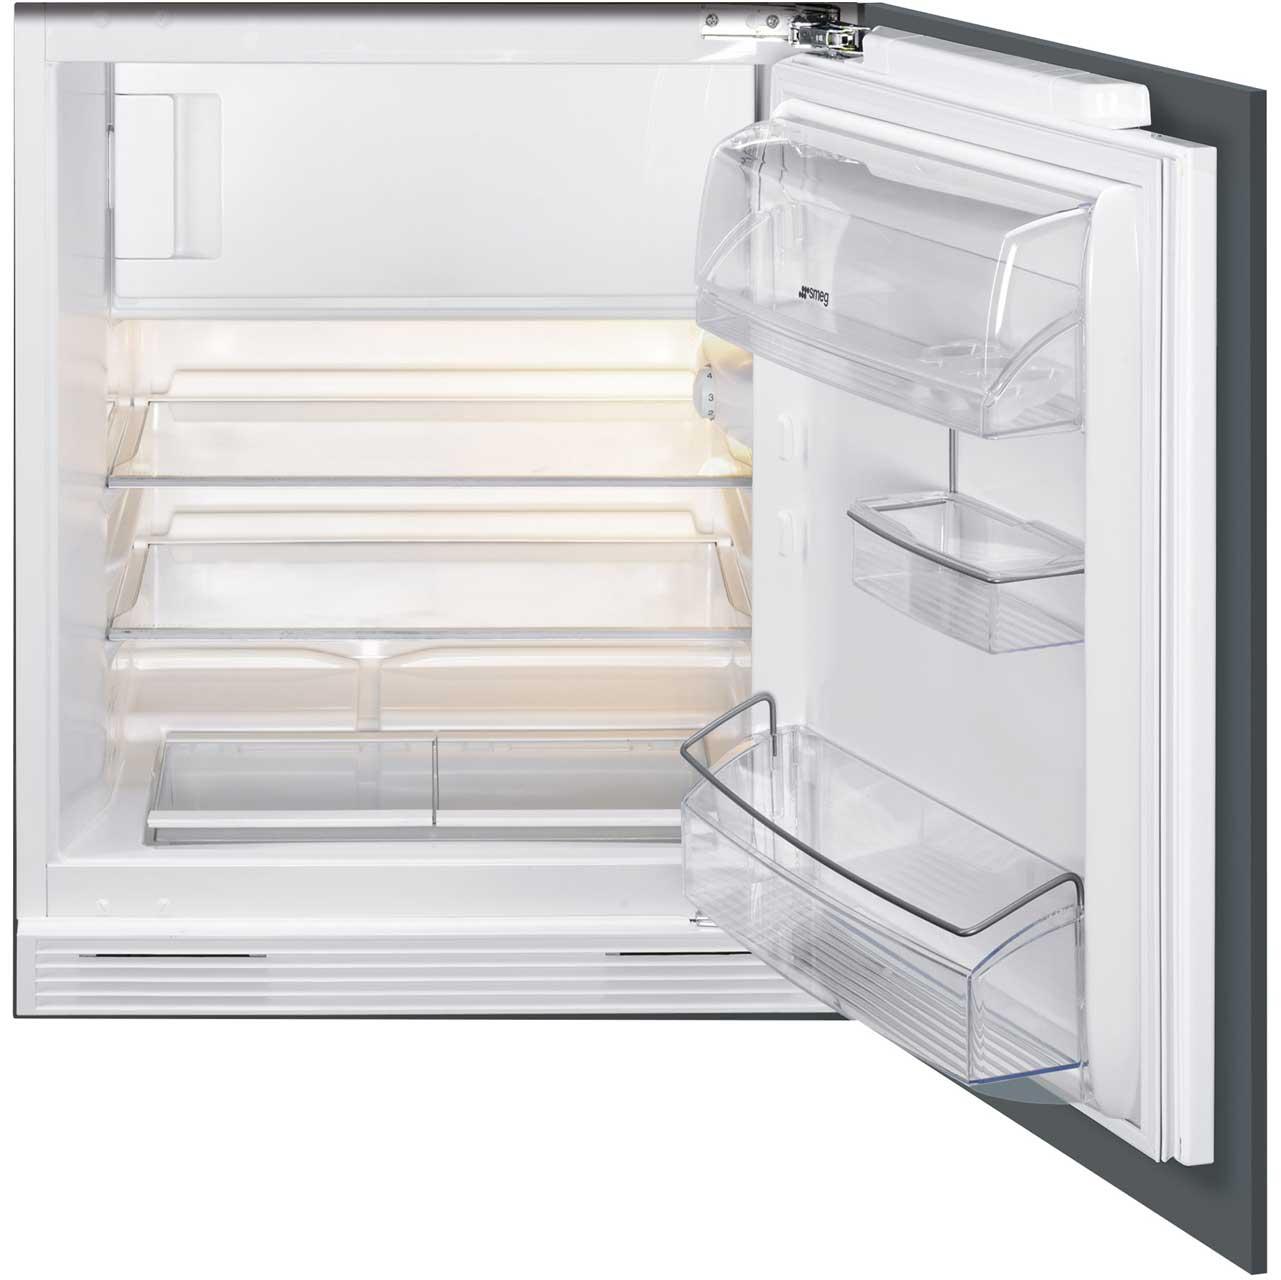 Counter Fridge Smeg Ukud7122csp Integrated Under Counter Fridge With Ice Box